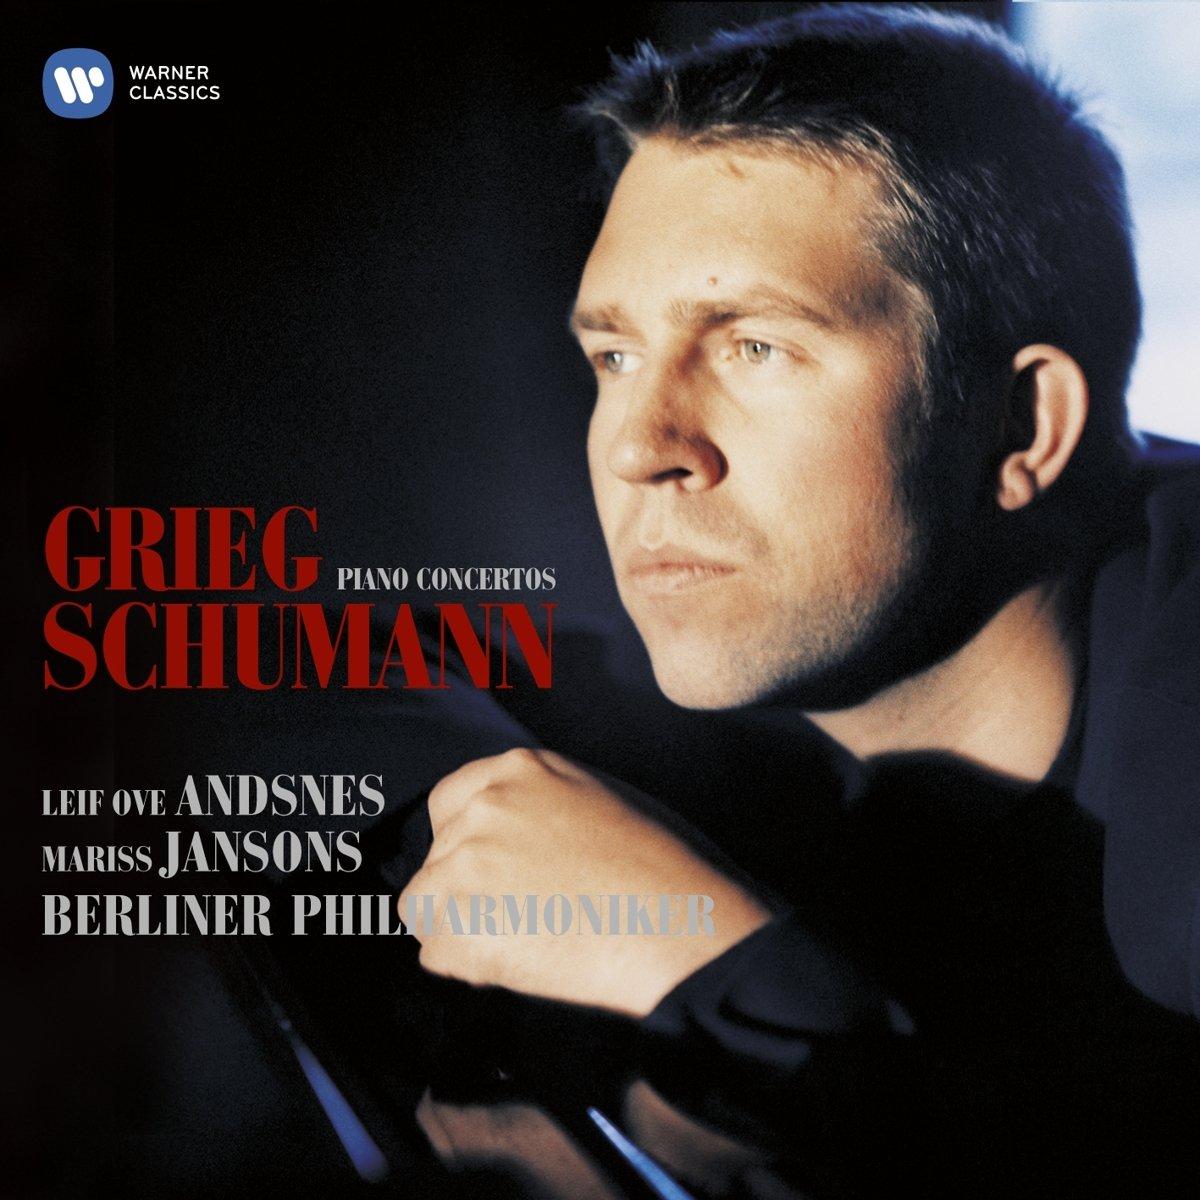 Edvard Grieg, Robert Schumann, Mariss Jansons, Berlin Philharmonic  Orchestra, Leif Ove Andsnes - Grieg, Schumann: Piano Concertos - Amazon.com  Music